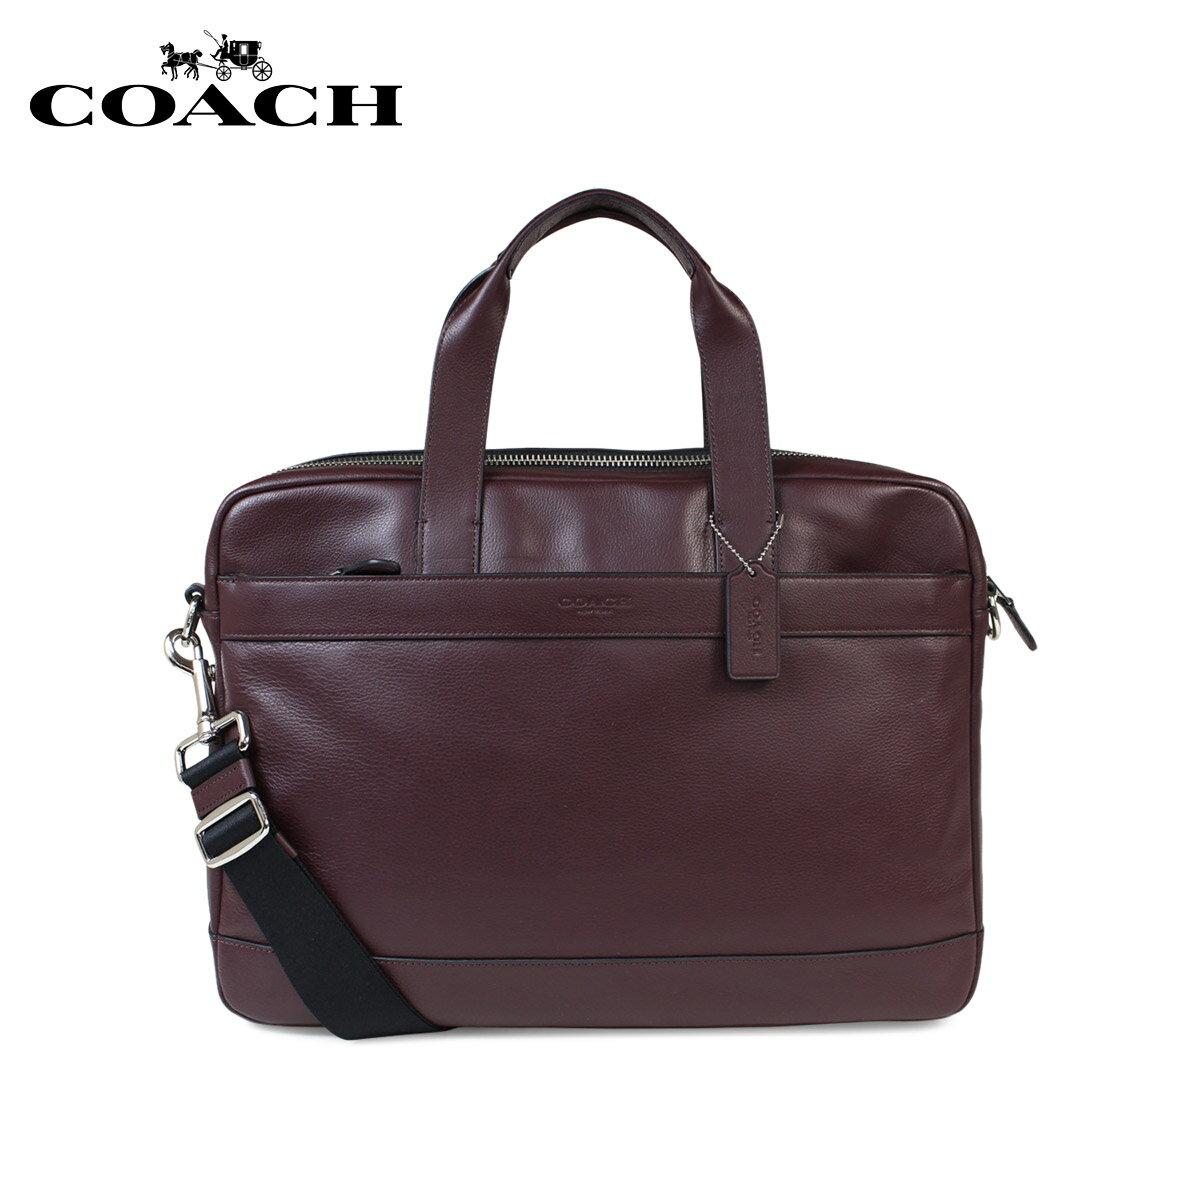 【訳あり】コーチ COACH バッグ ショルダーバッグ ビジネス メンズ ブリーフケース レザー F54801 オックスブラッド レッド 【返品不可】